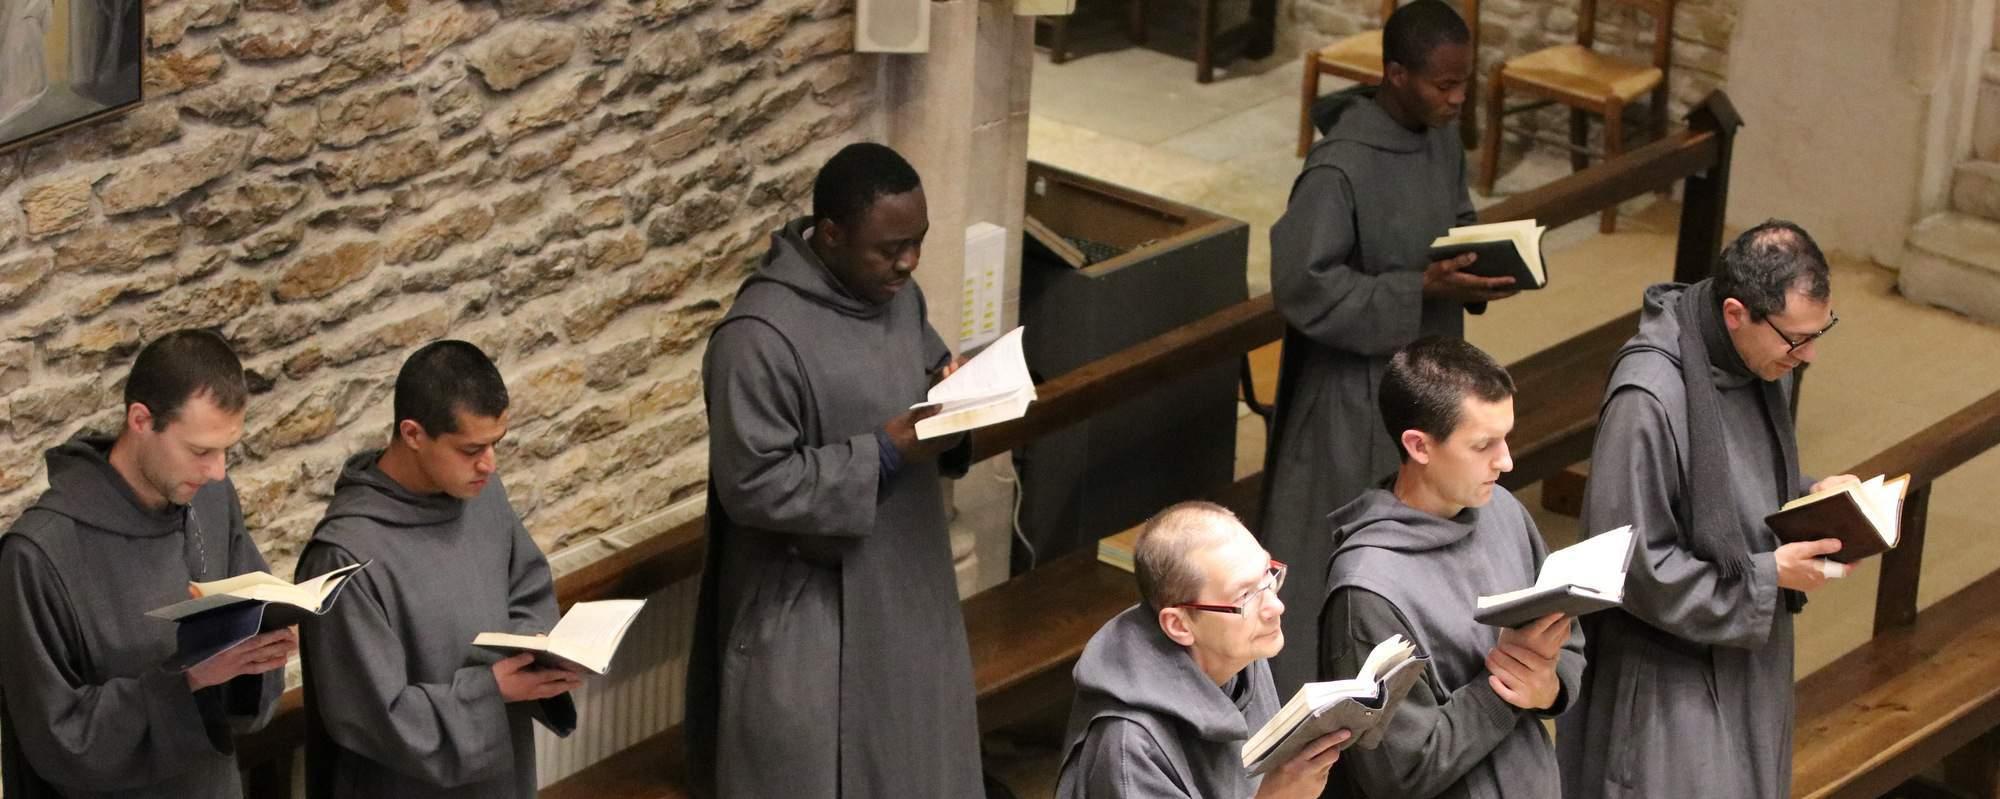 Frères à l'office dans la chapelle